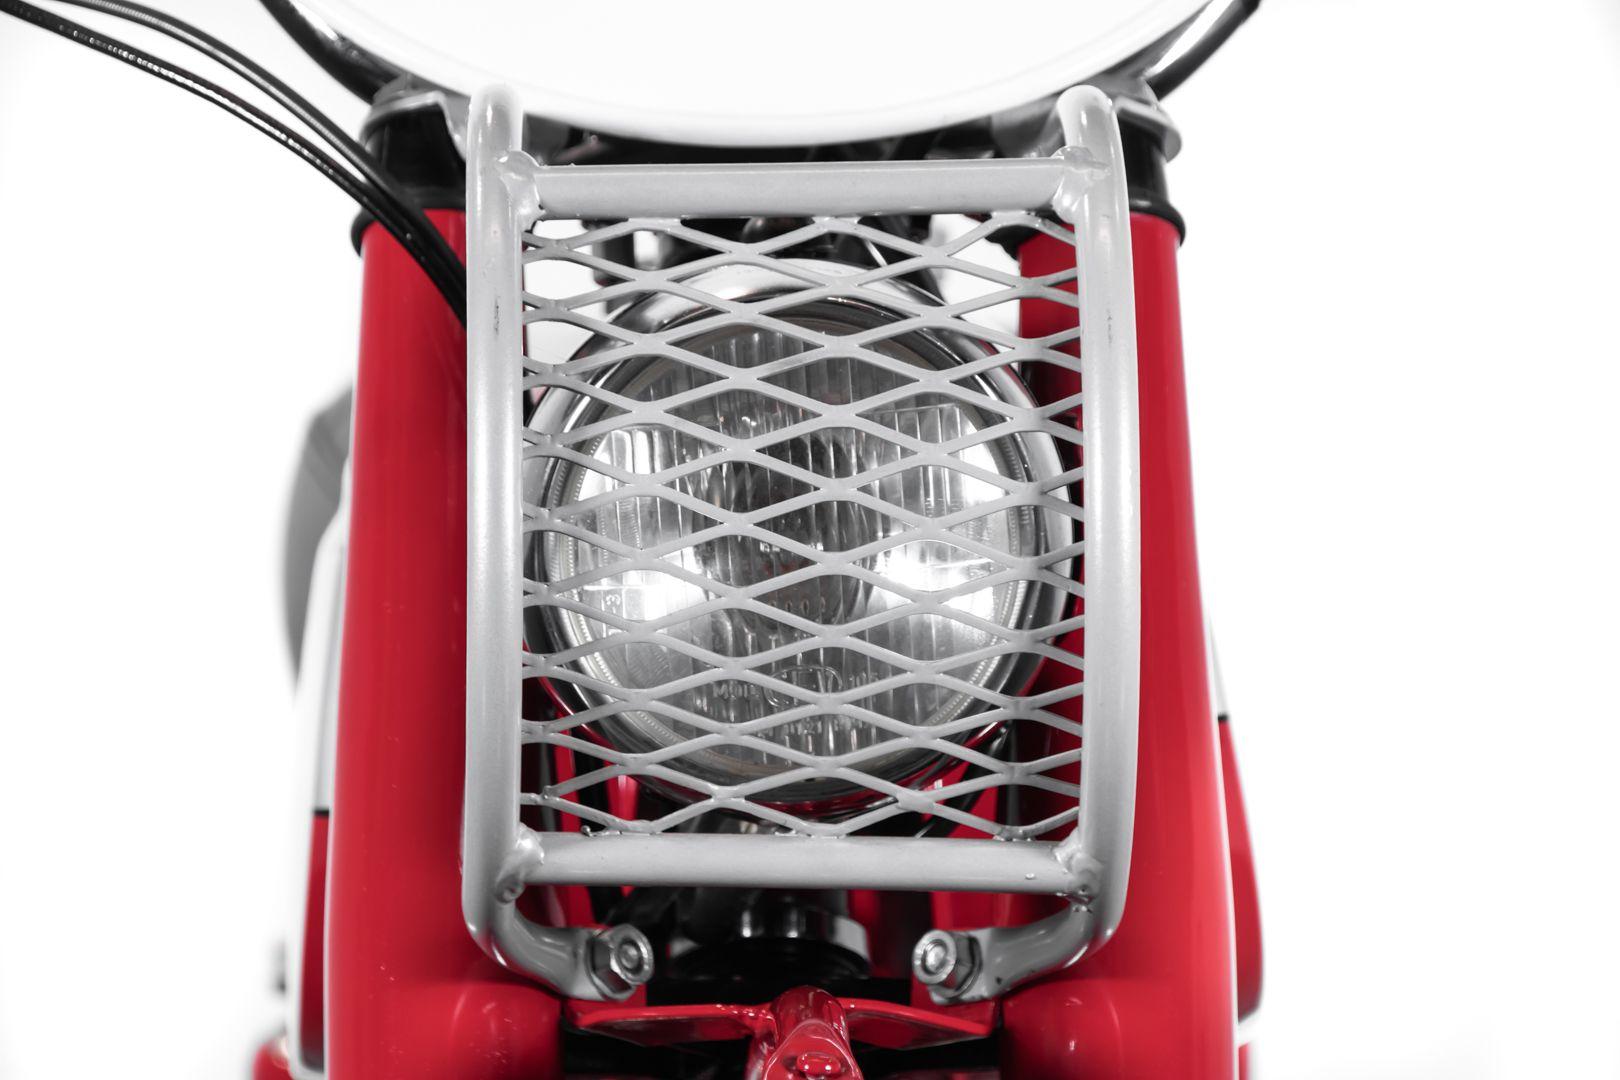 1966 Moto Morini Regolarità Griglione 125 77321